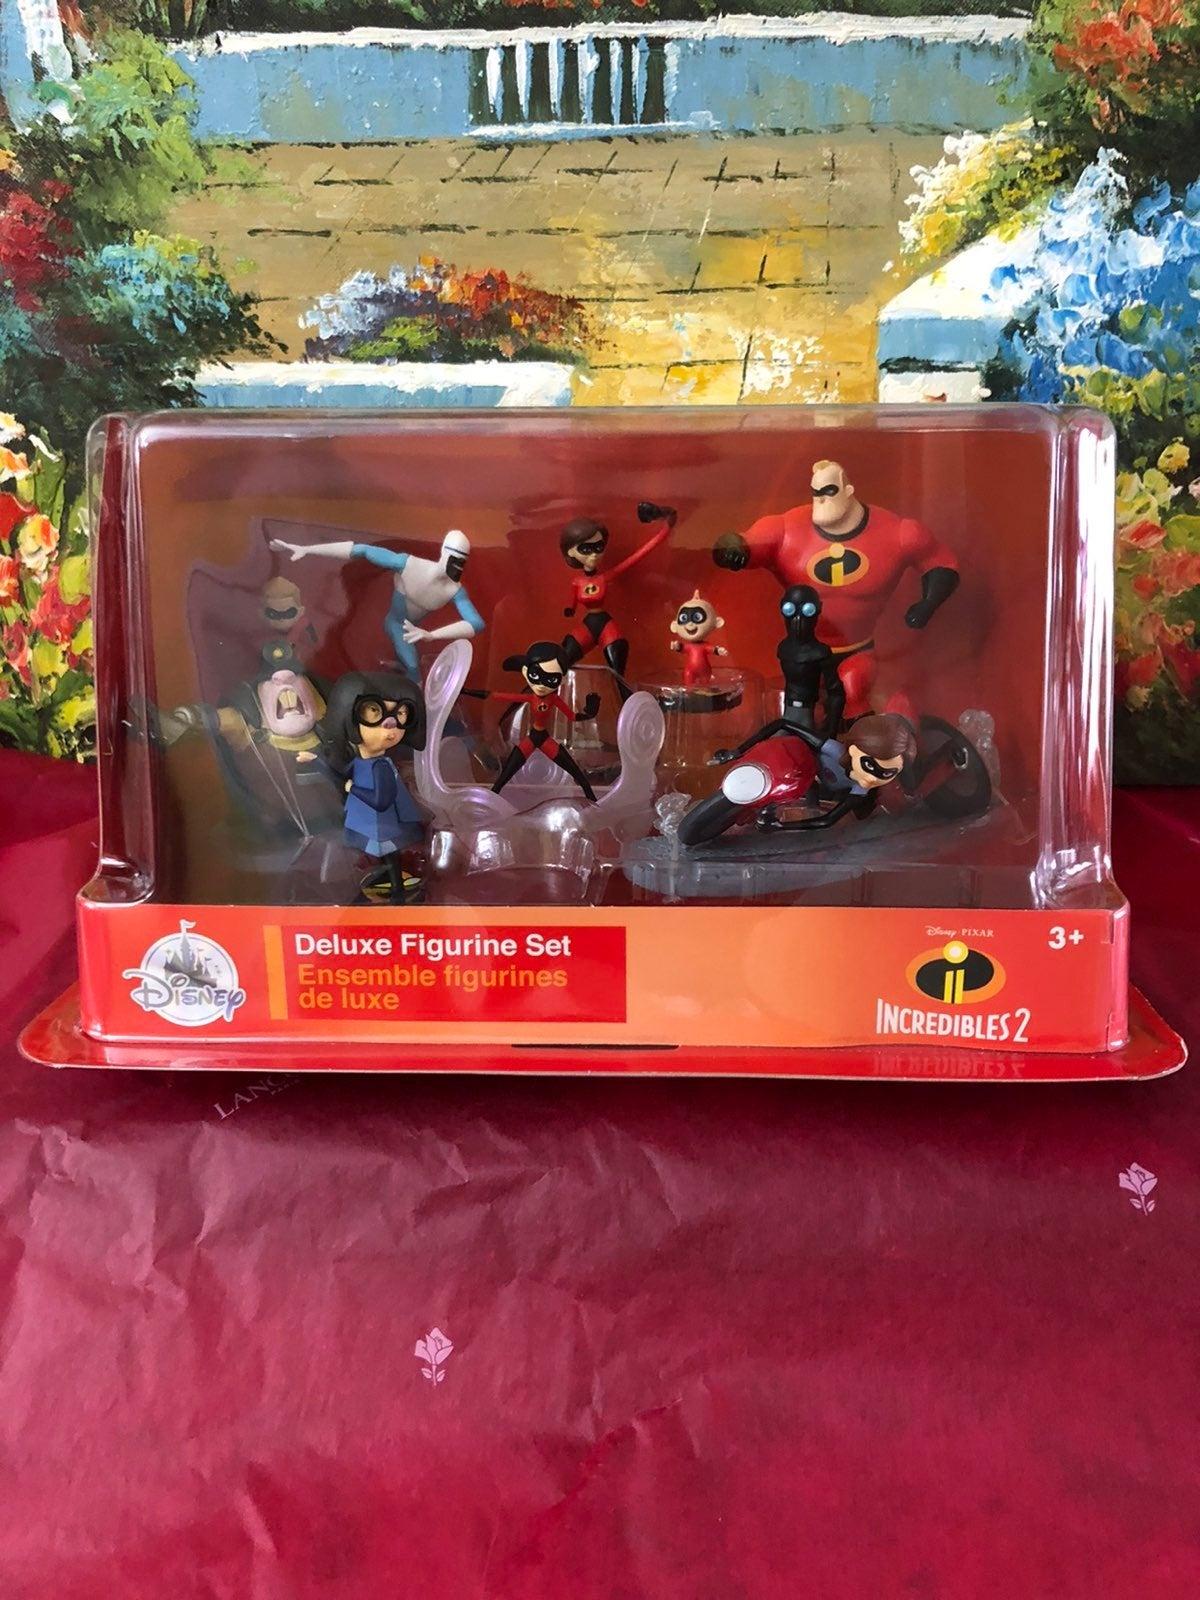 Disney Pixar Incredibles 2 Bundle